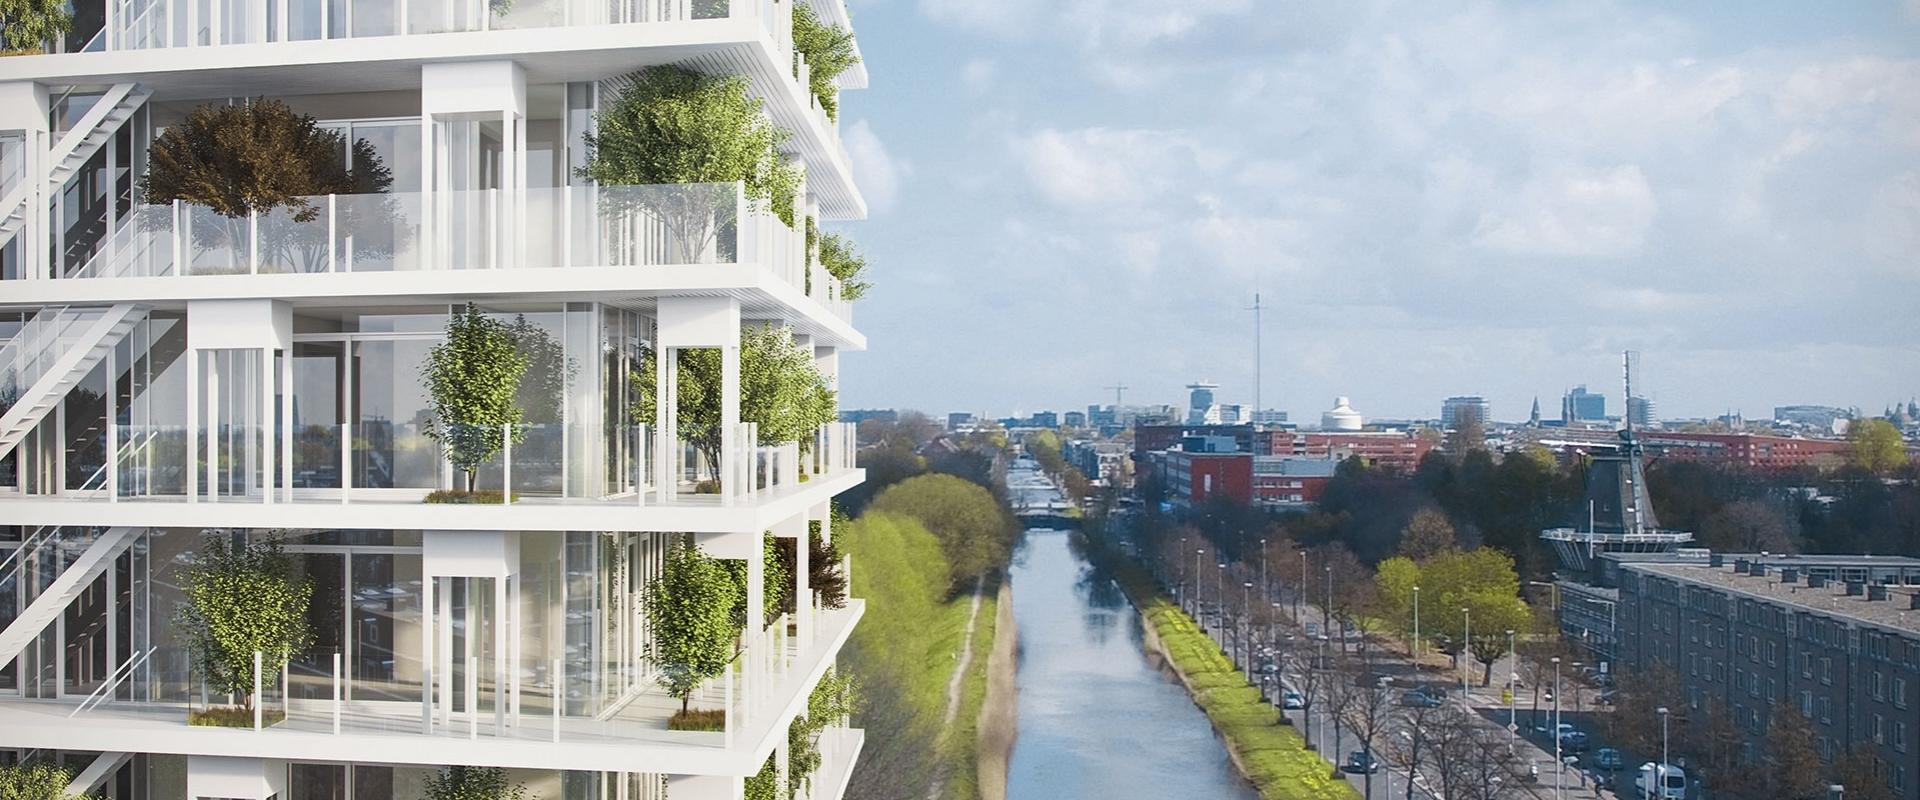 Project De Voortuinen Westerpark West in Amsterdam, ASWA Keukens